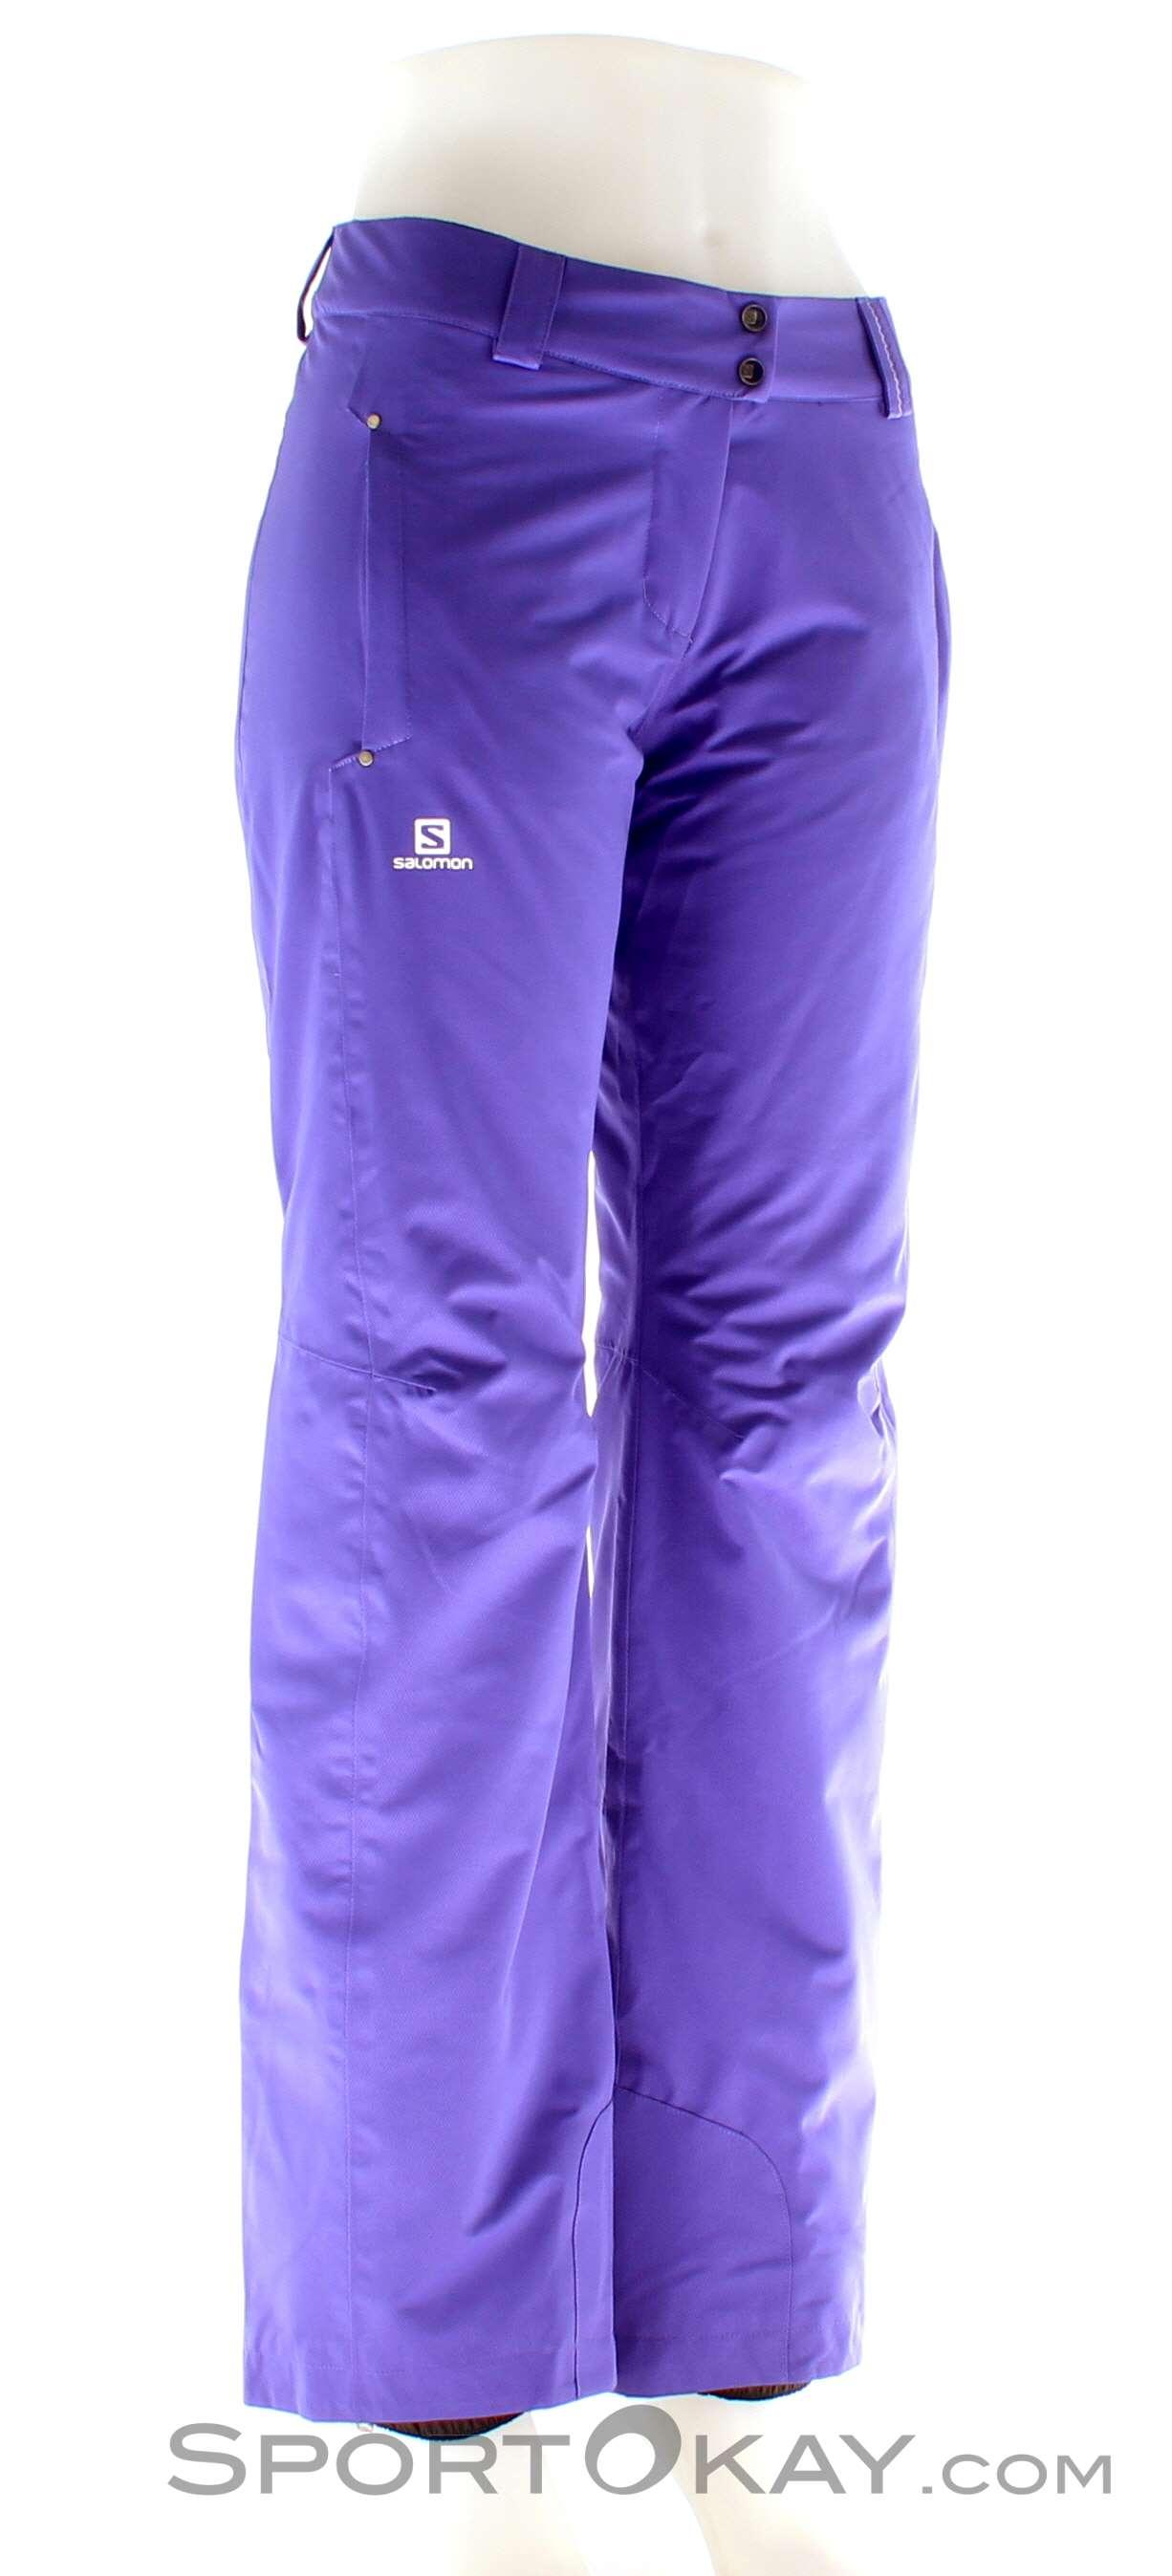 4c8eae619d1a Salomon Stormspotter Womens Ski Pants - Ski Pants - Ski Clothing ...